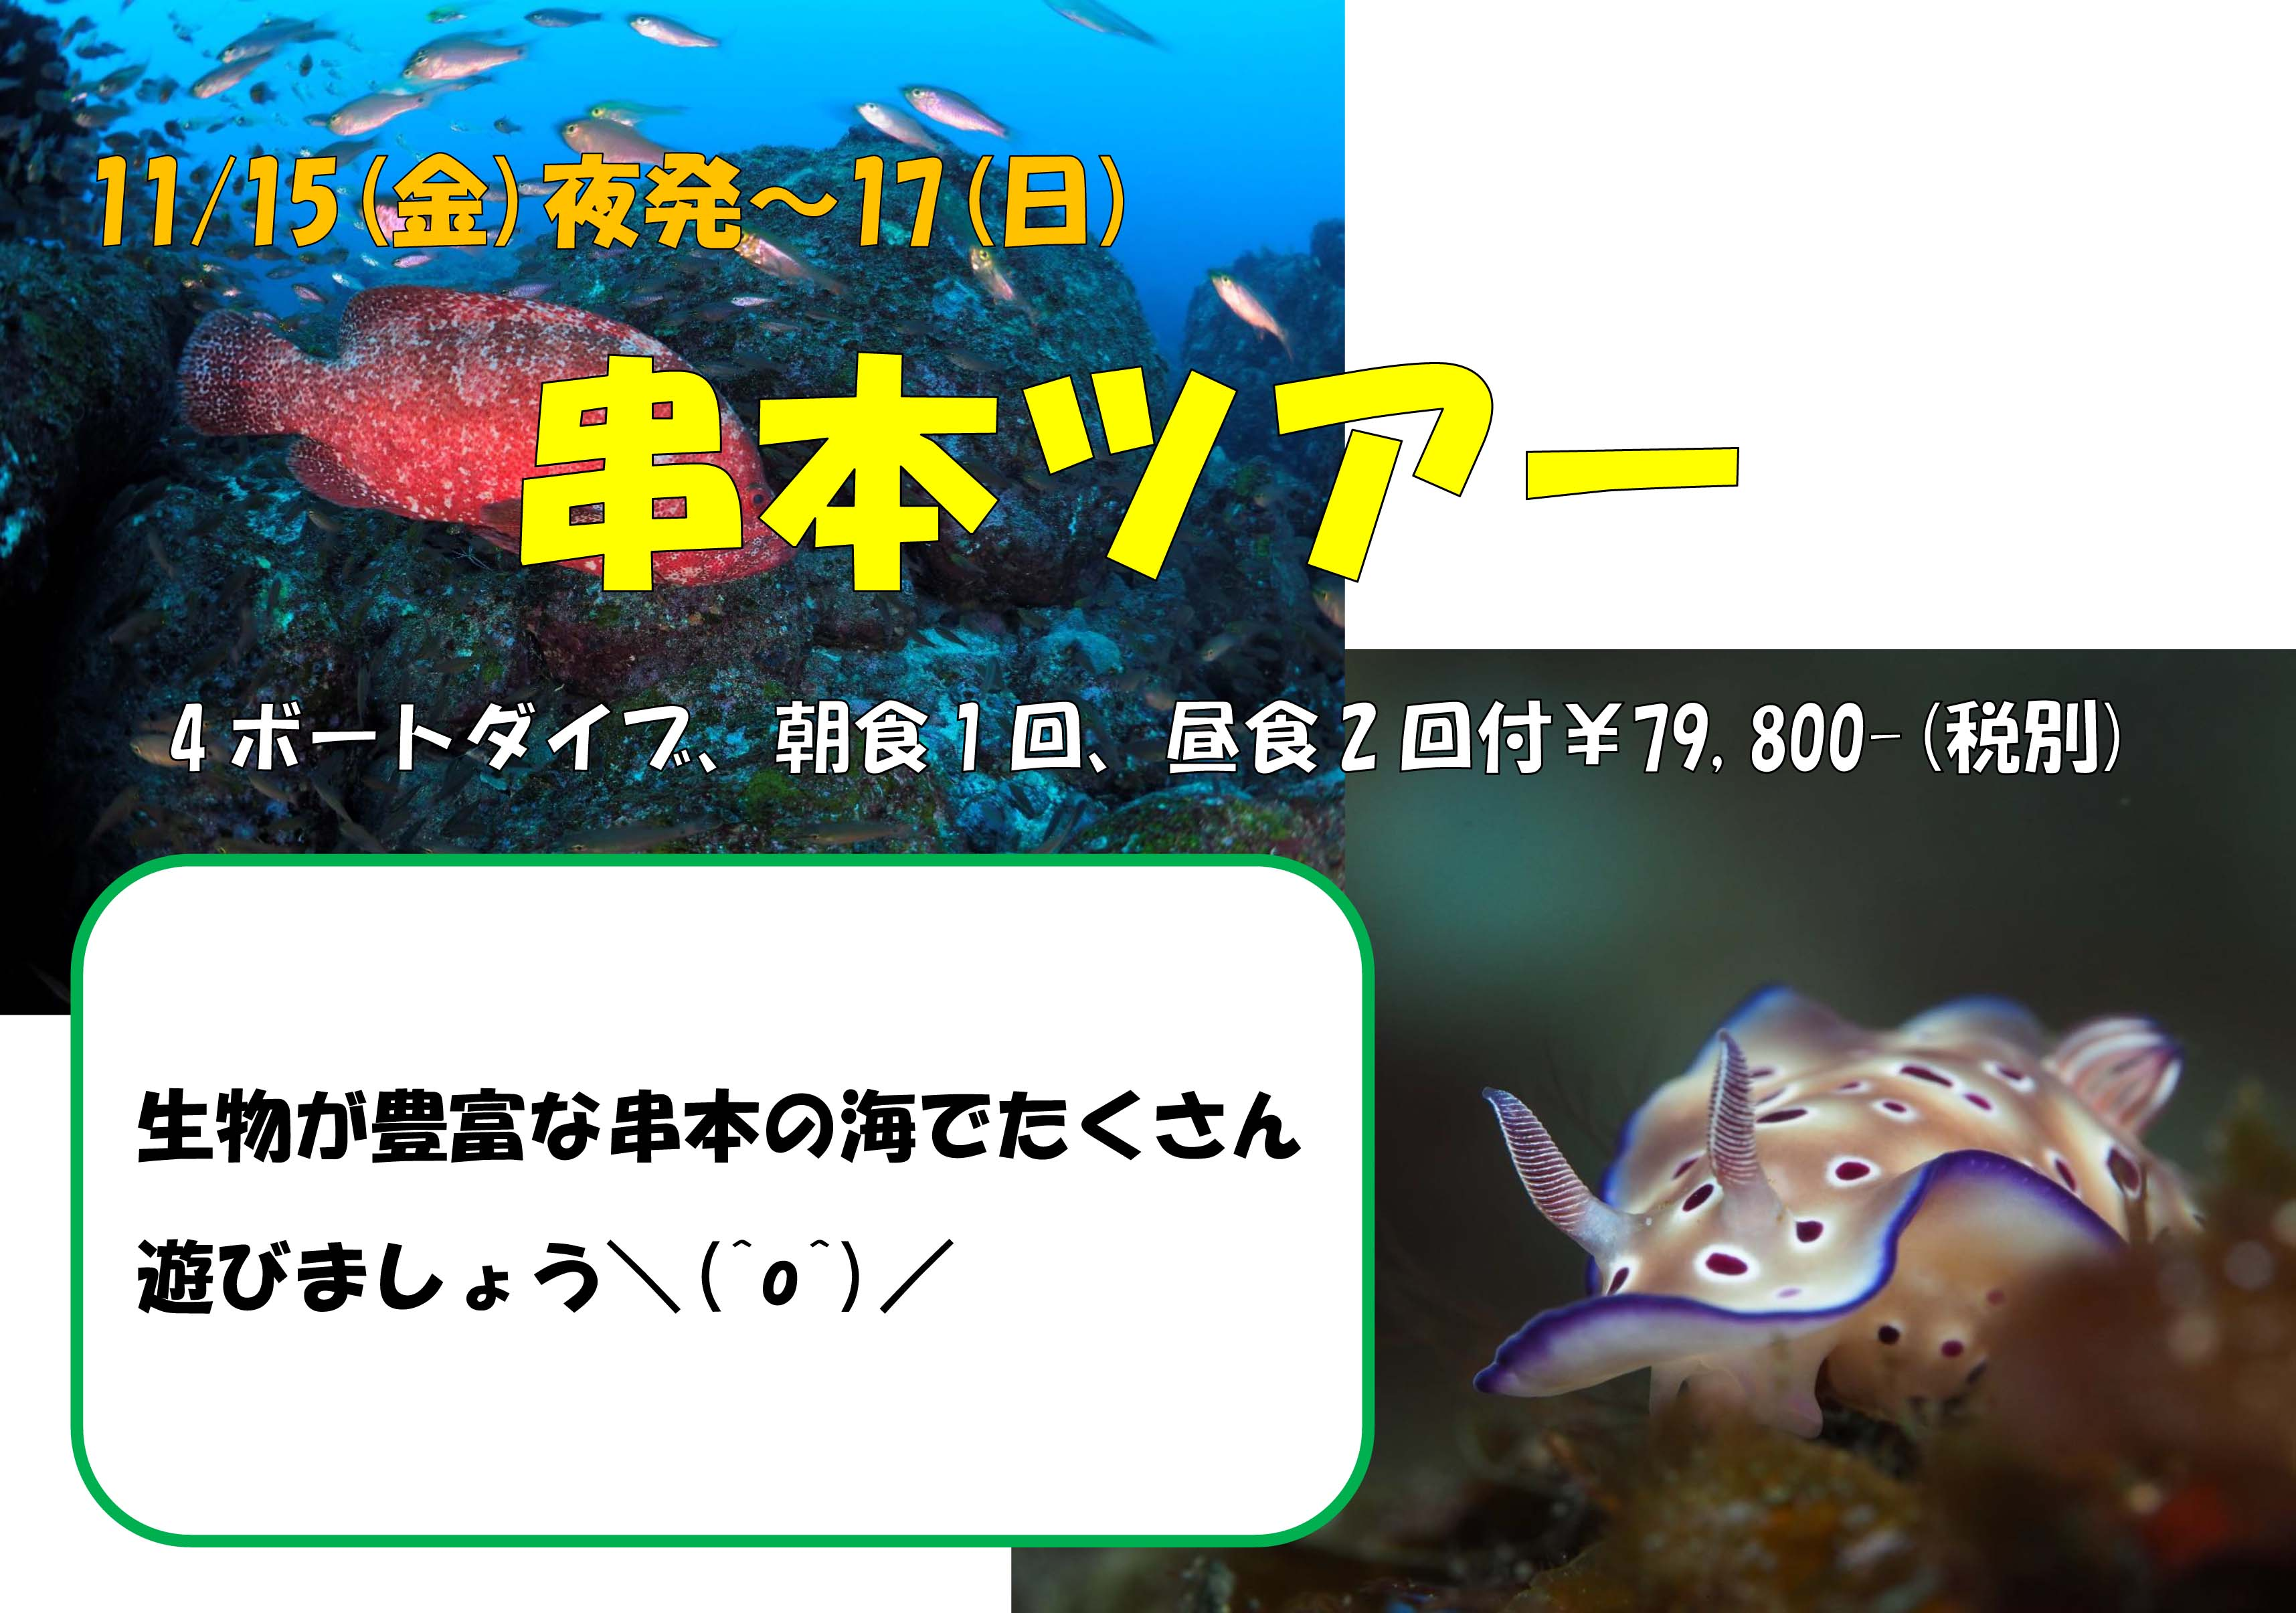 11/15(金)夜発~17(日)和歌山★串本ツアー